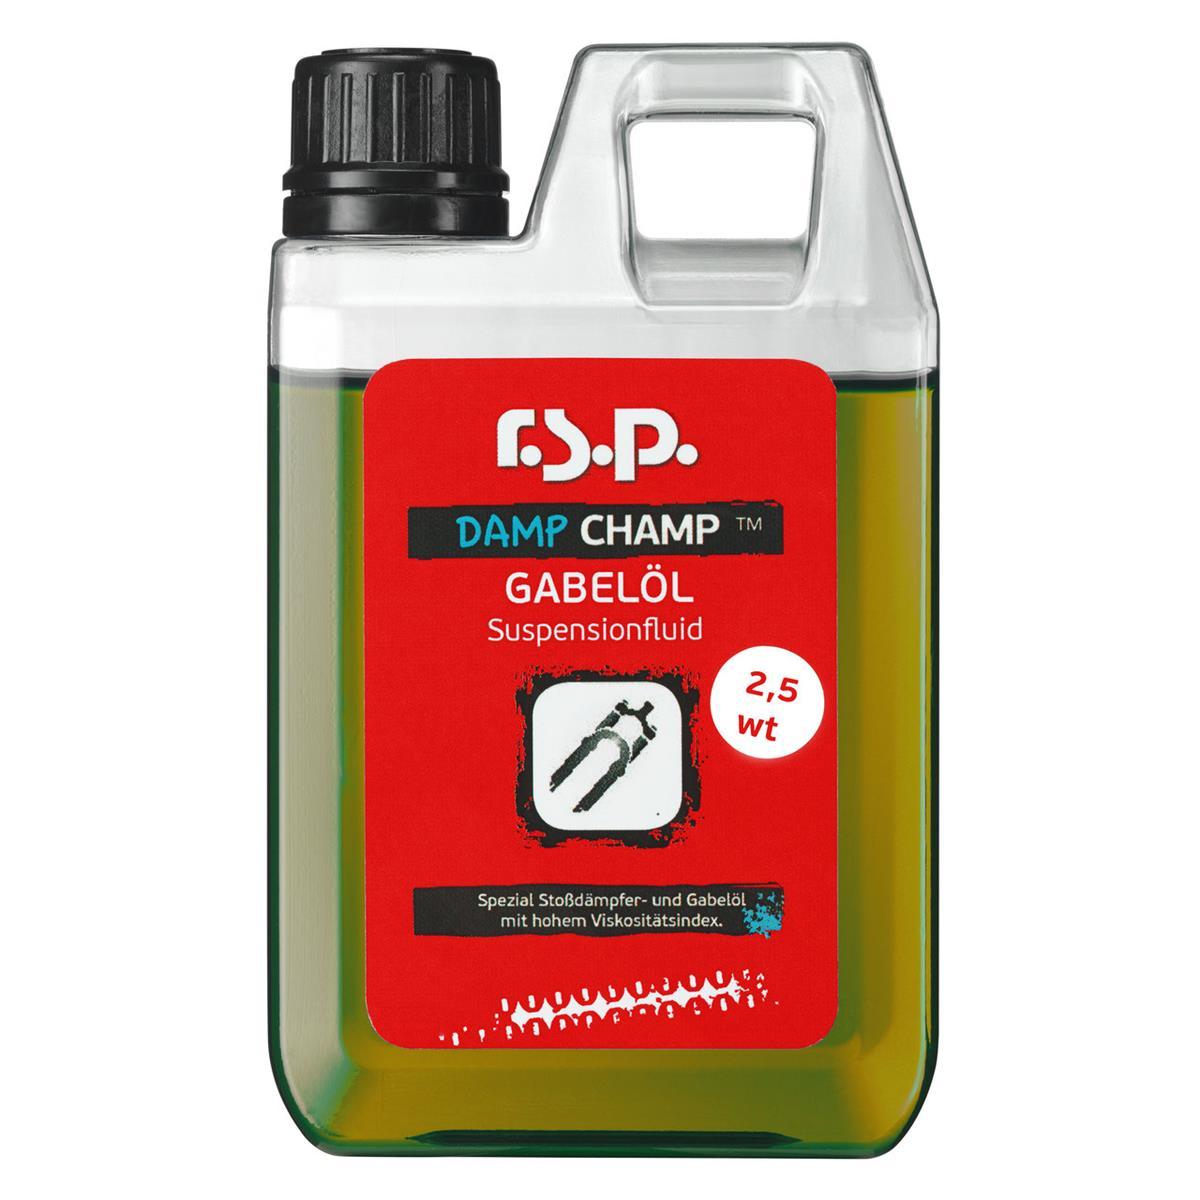 r.s.p. Gabel- und Dämpferfluid Damp Champ 2,5 WT, 250 ml